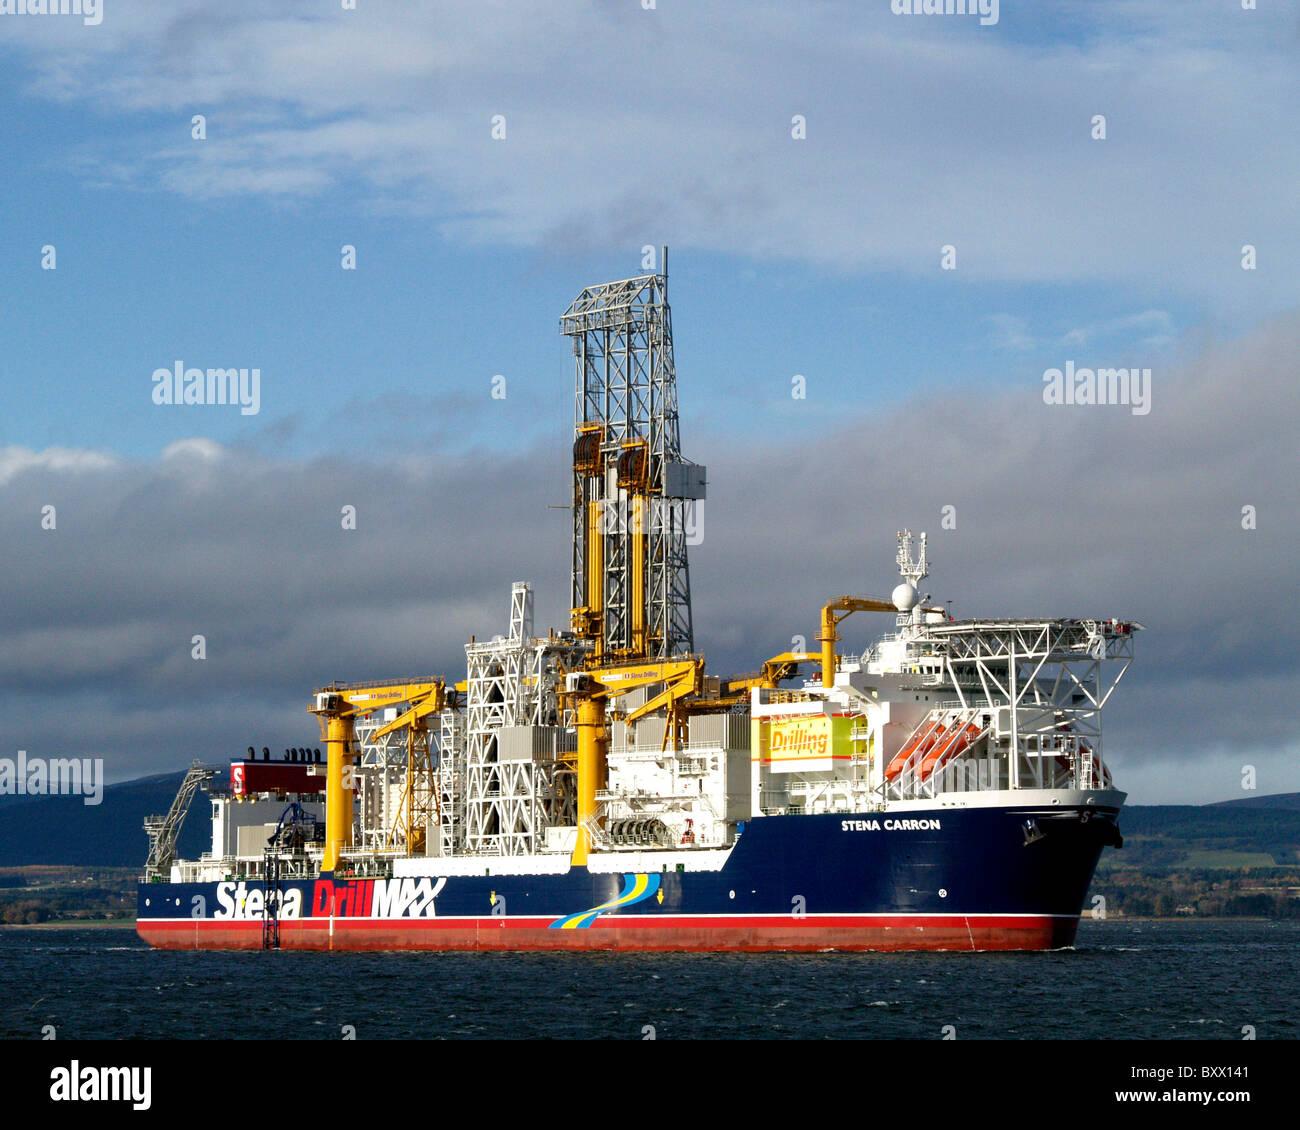 Il Drillship Stena Carron lasciando il Cromarty Firth, sulla rotta per trapanare deepwater pozzi di petrolio nelle acque in prossimità della Groenlandia. Foto Stock